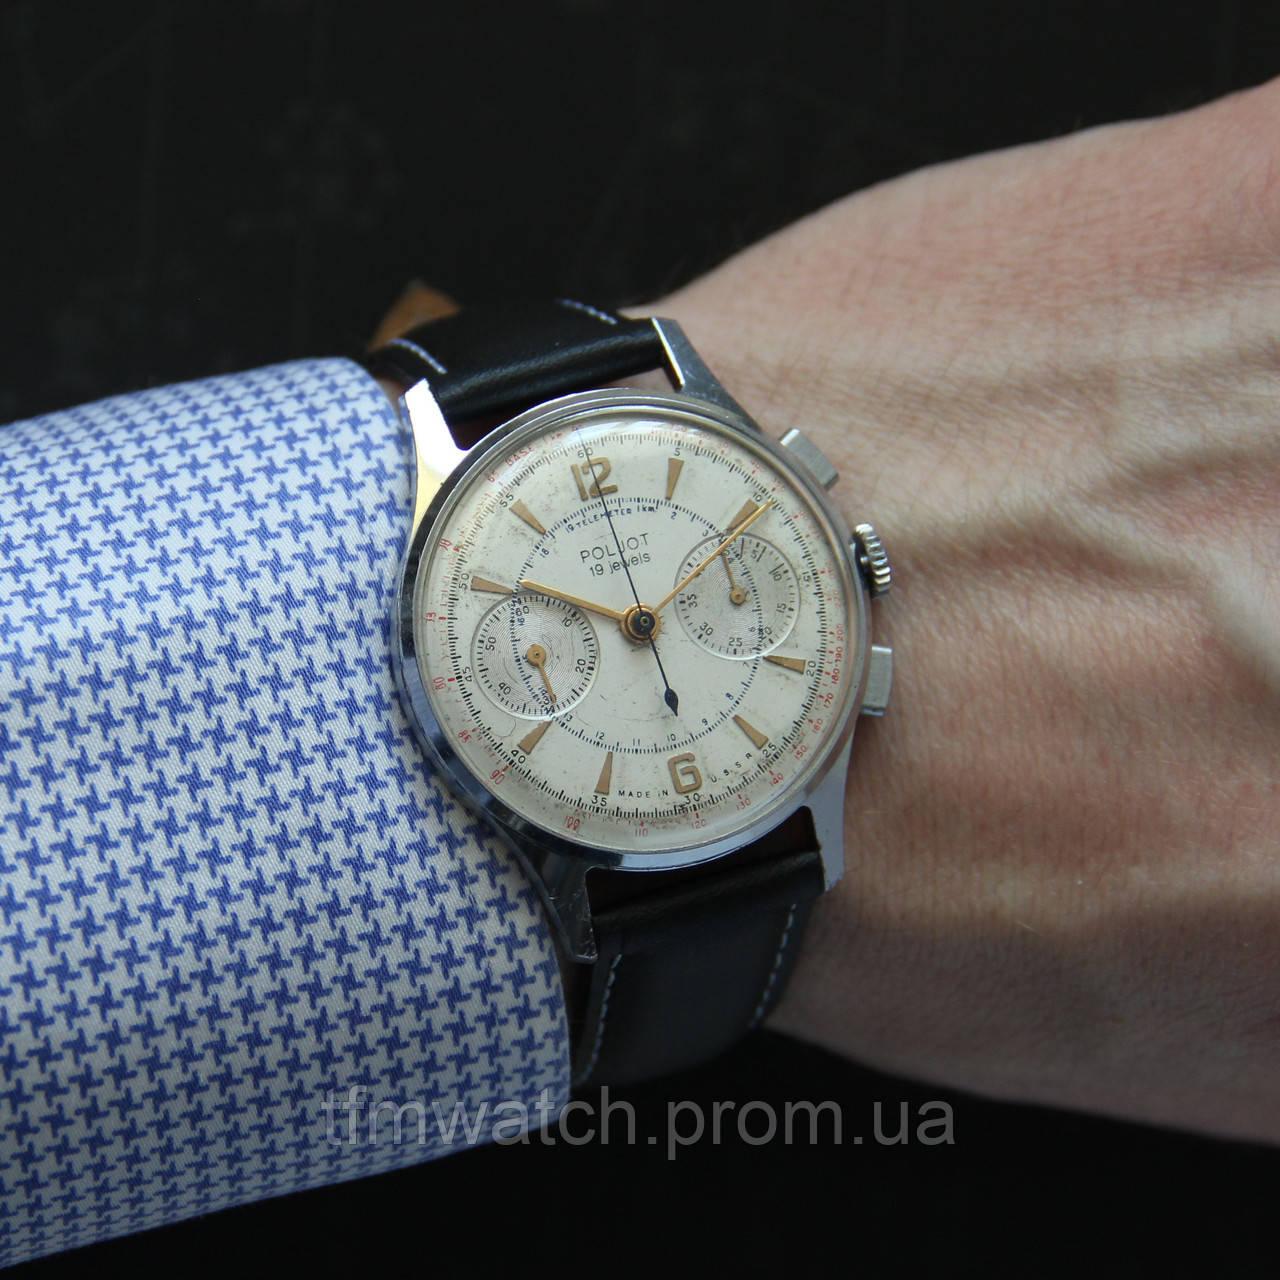 Купить наручные часы хронограф полет купить оригинальные мужские часы дизель